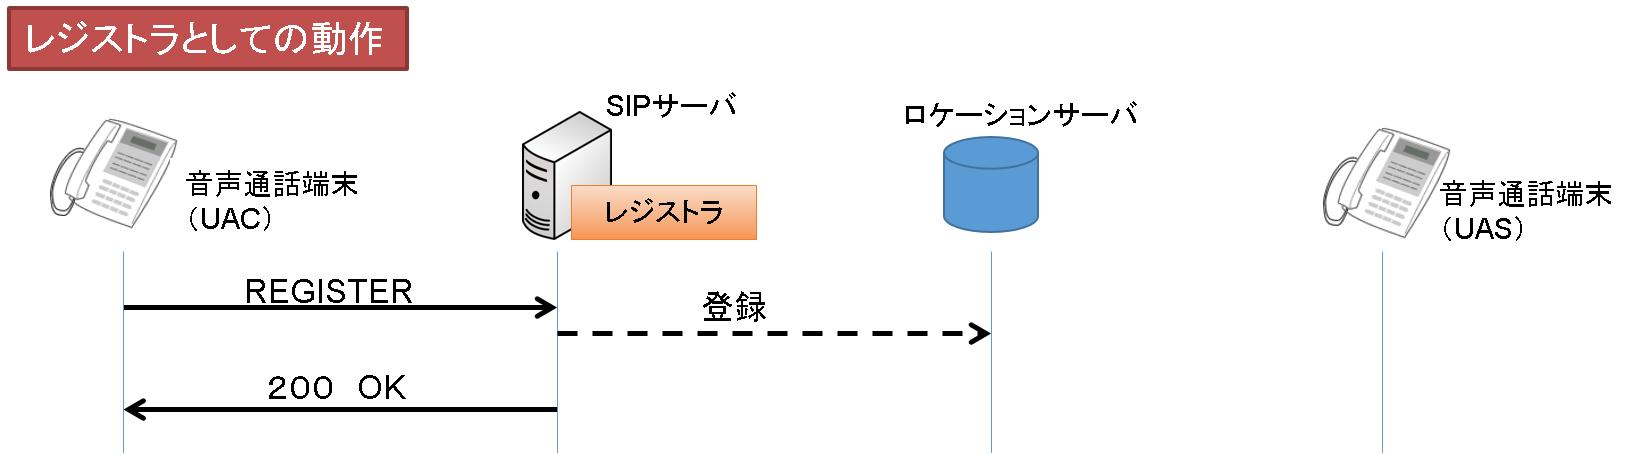 SIP_registra.png